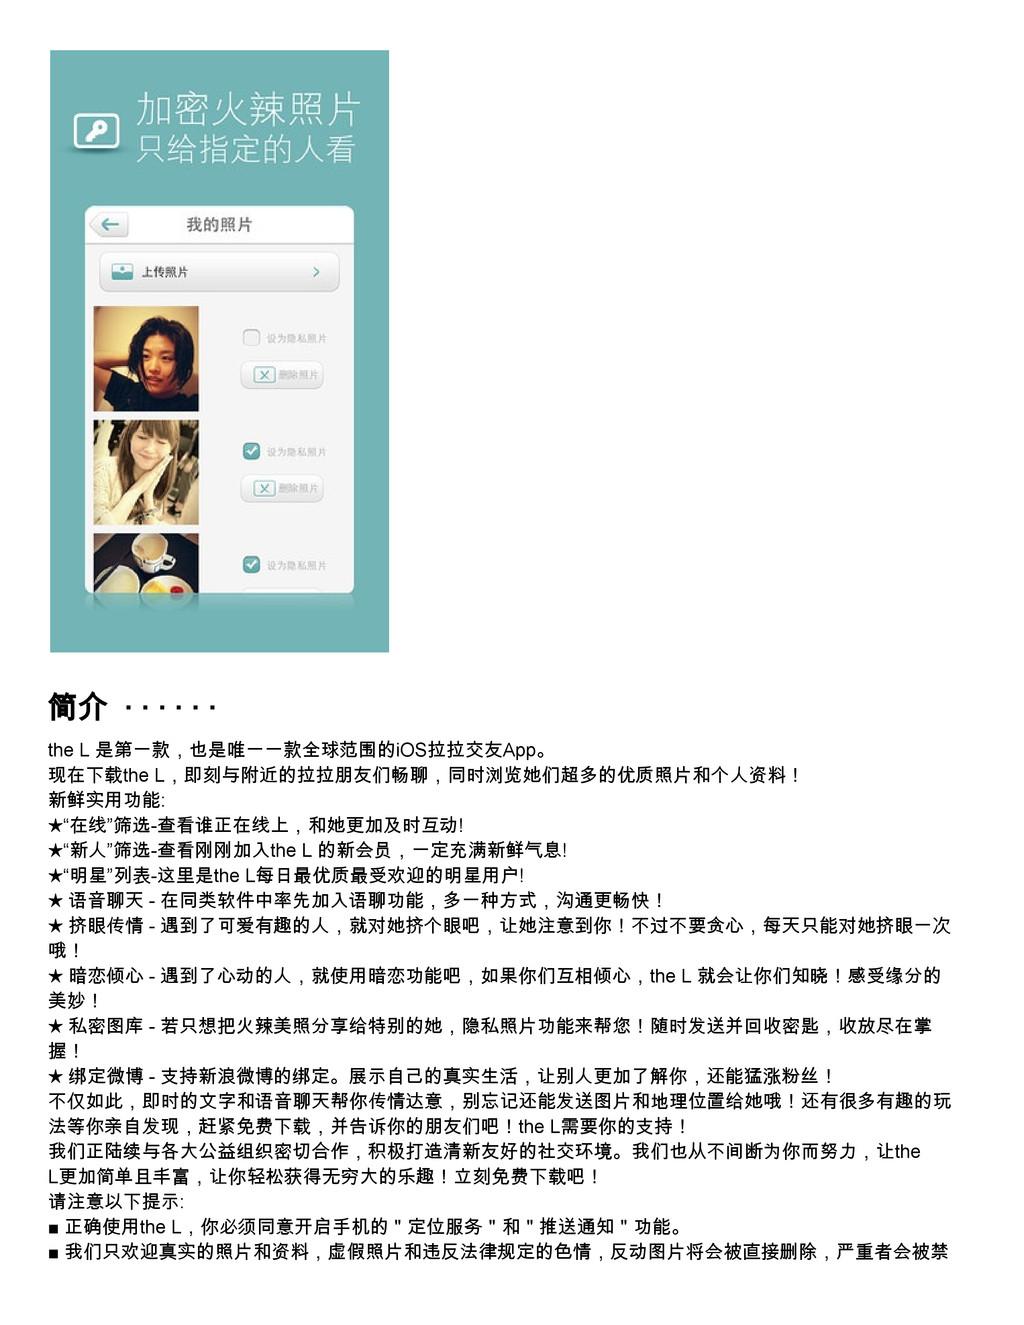 简介 ∙ ∙ ∙ ∙ ∙ ∙ the L 是第一款,也是唯一一款全球范围的iOS拉拉交友App...